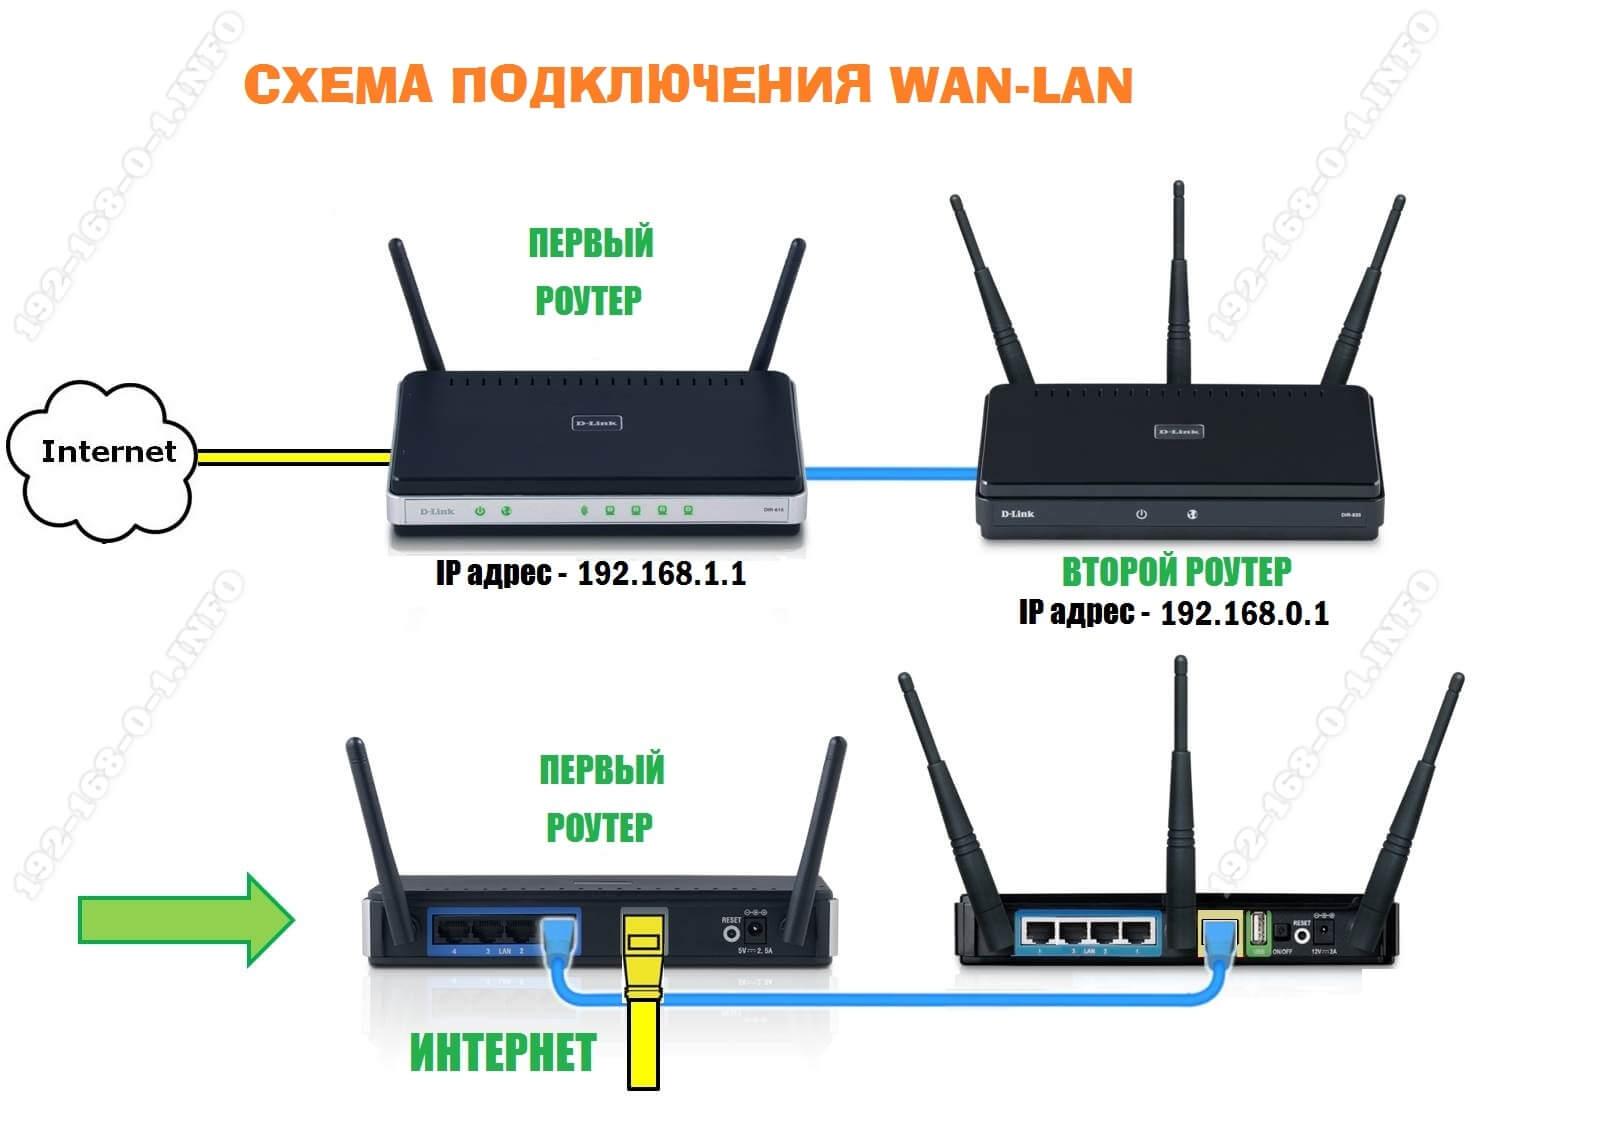 соединение двух роутеров сетью